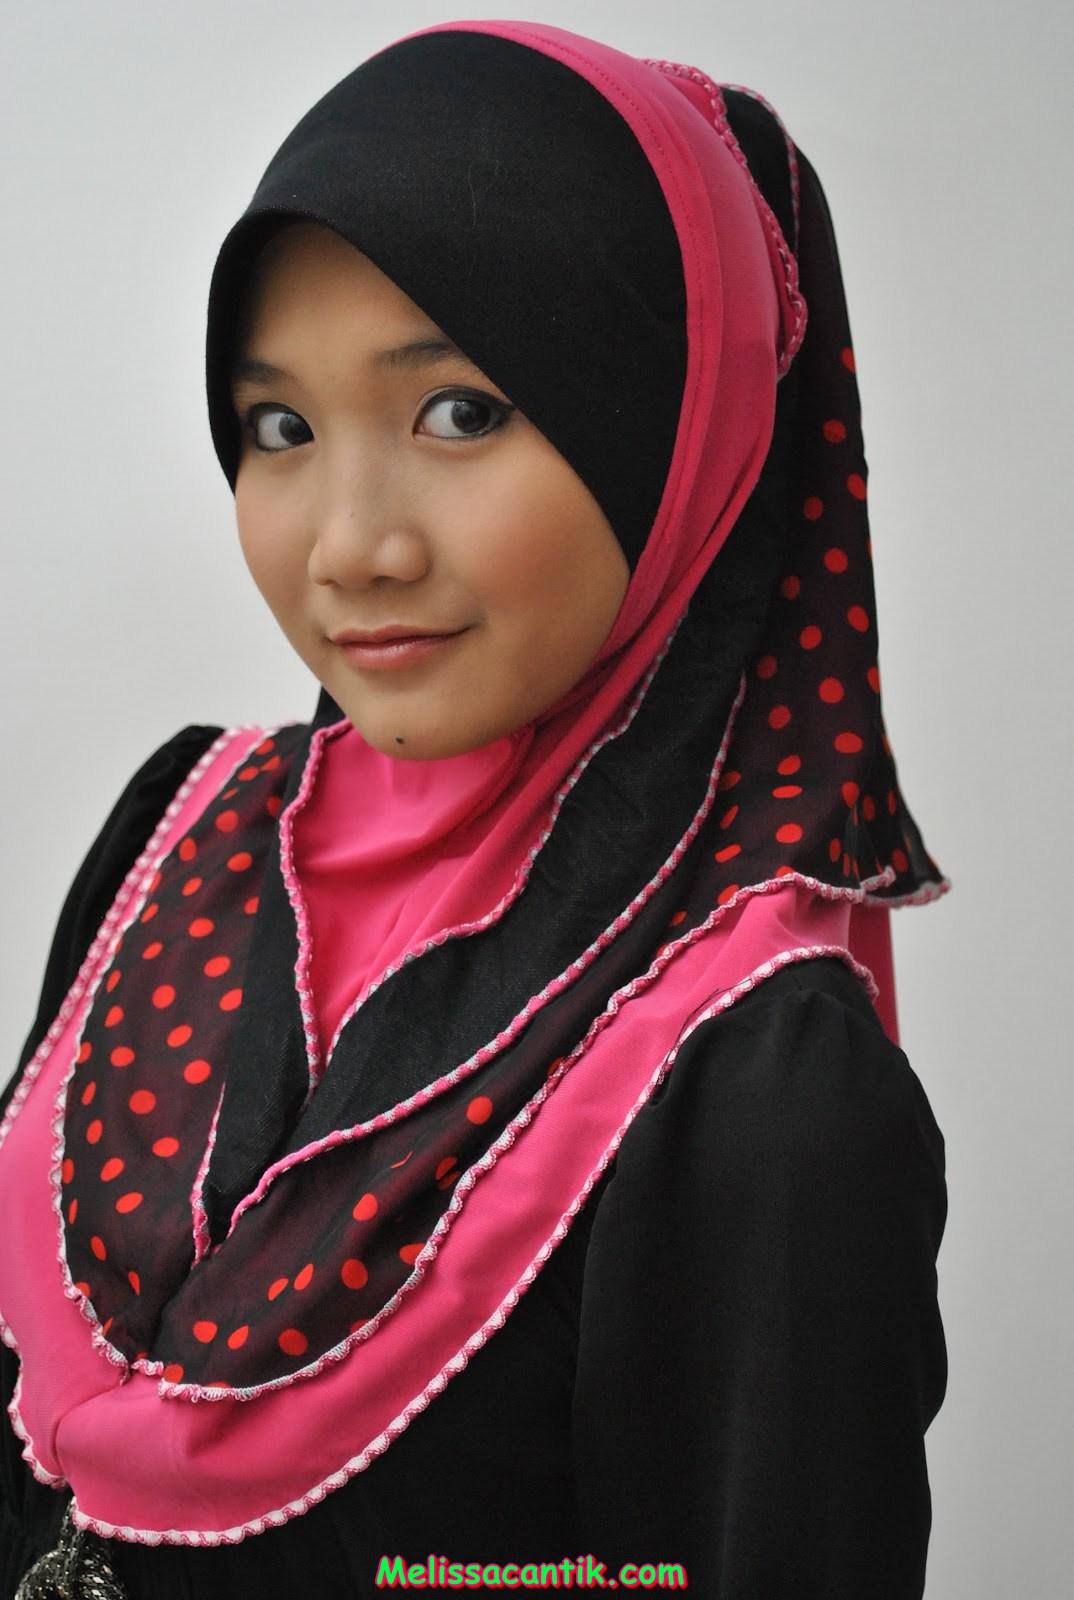 Photo Cewek ABG Berhijab Cantik Jadi Foto Model Terbaru ...